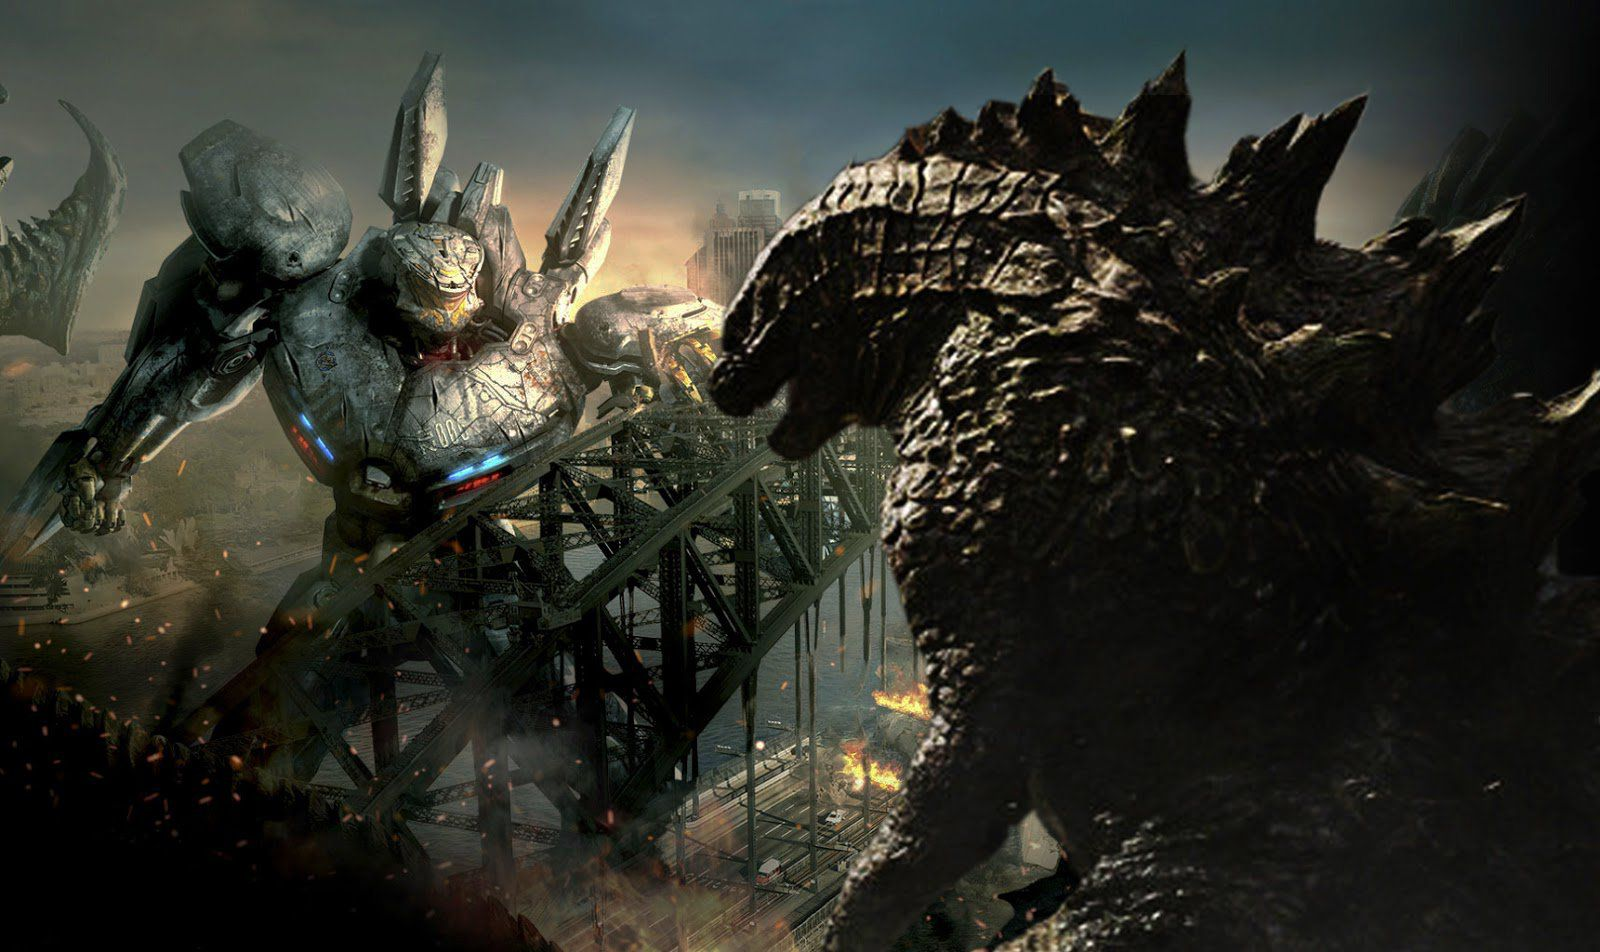 Pacific Rim vs Godzilla